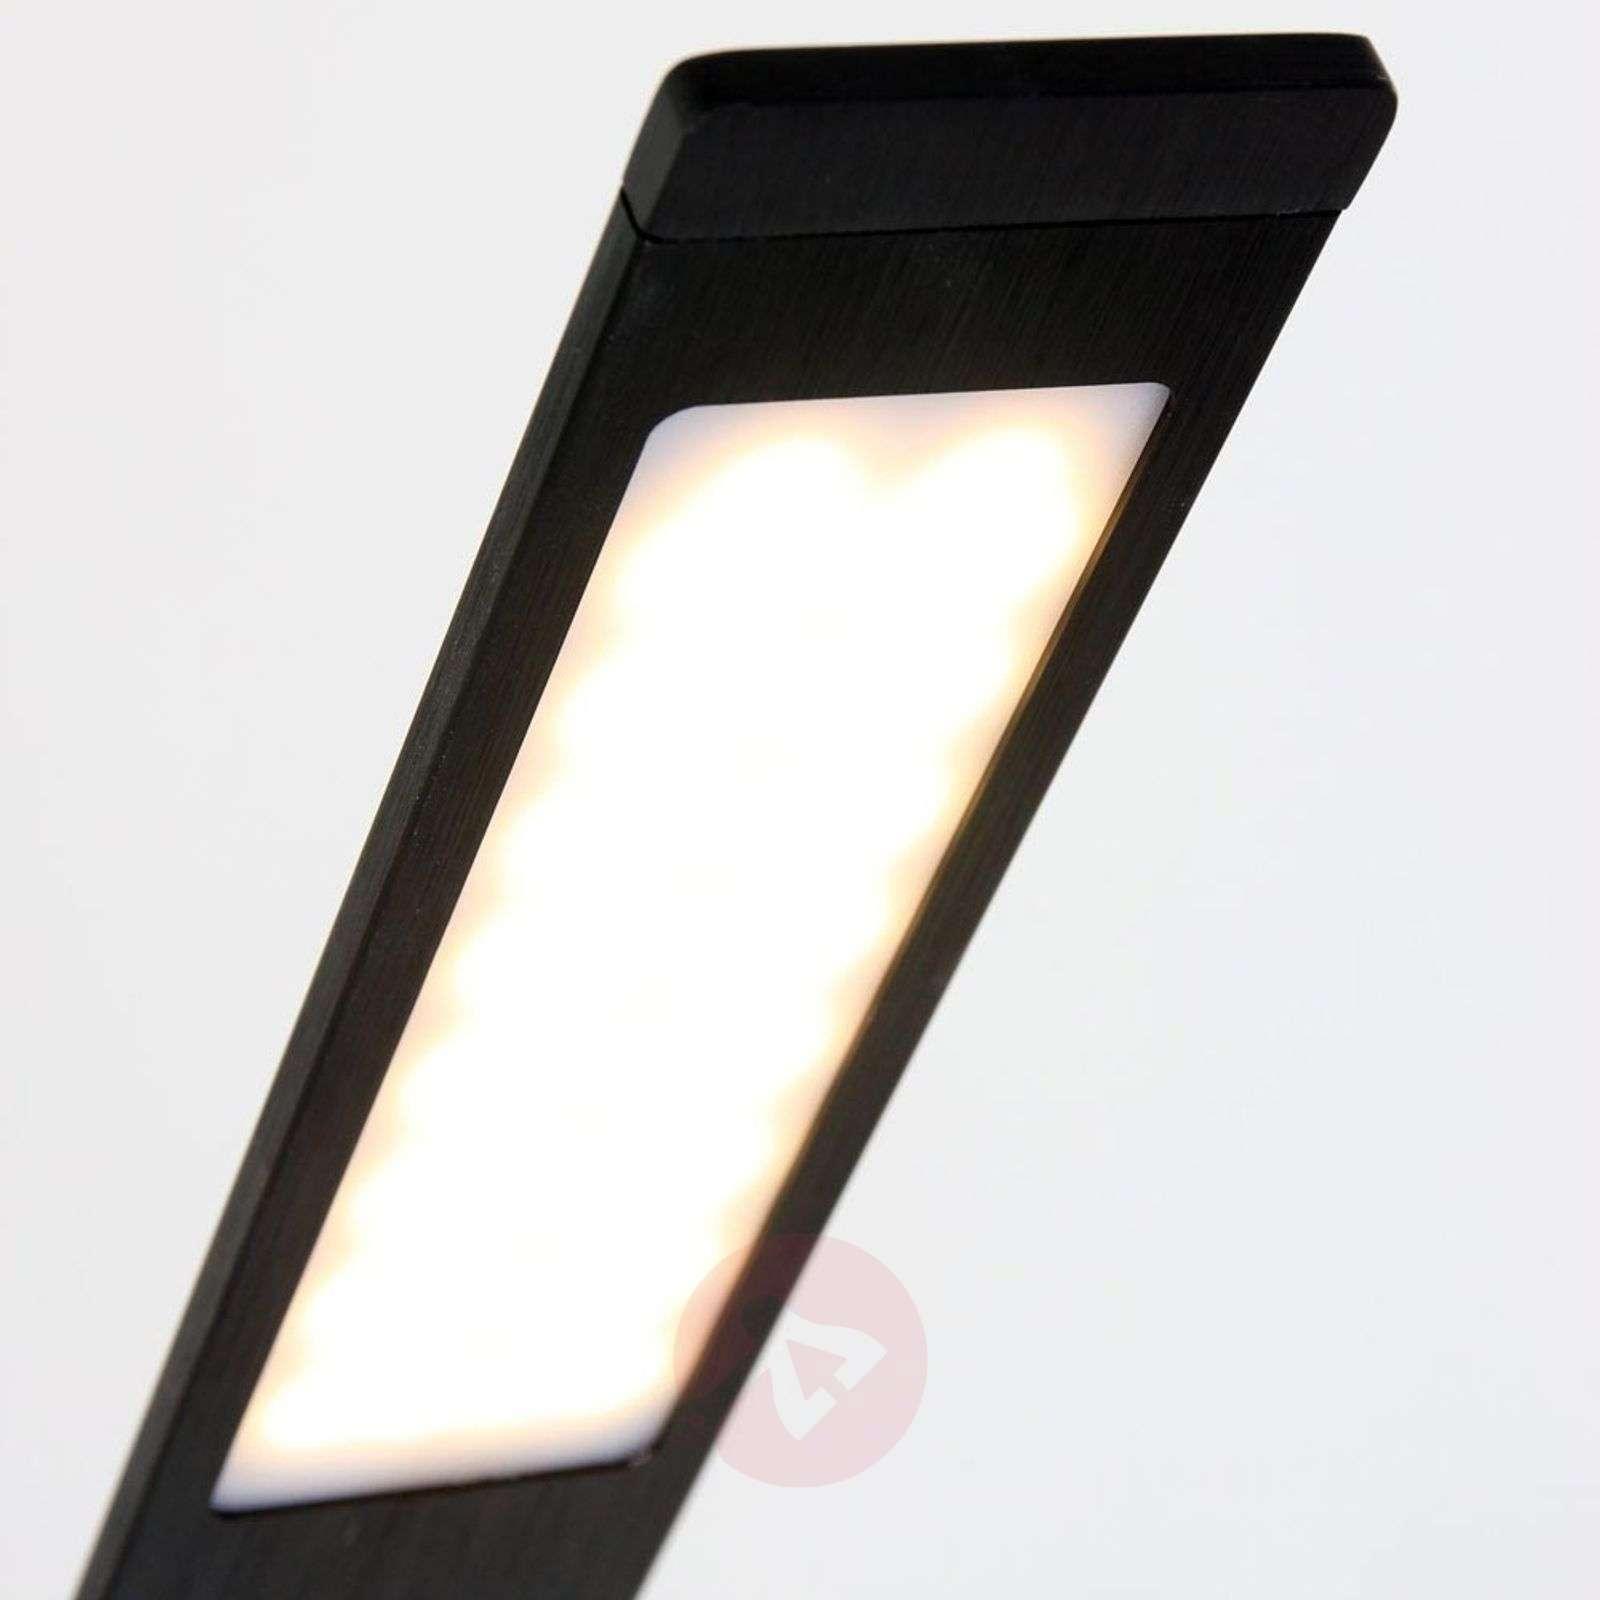 Musta LED-lattiavalaisin Serenade himmentimellä-8509729-01